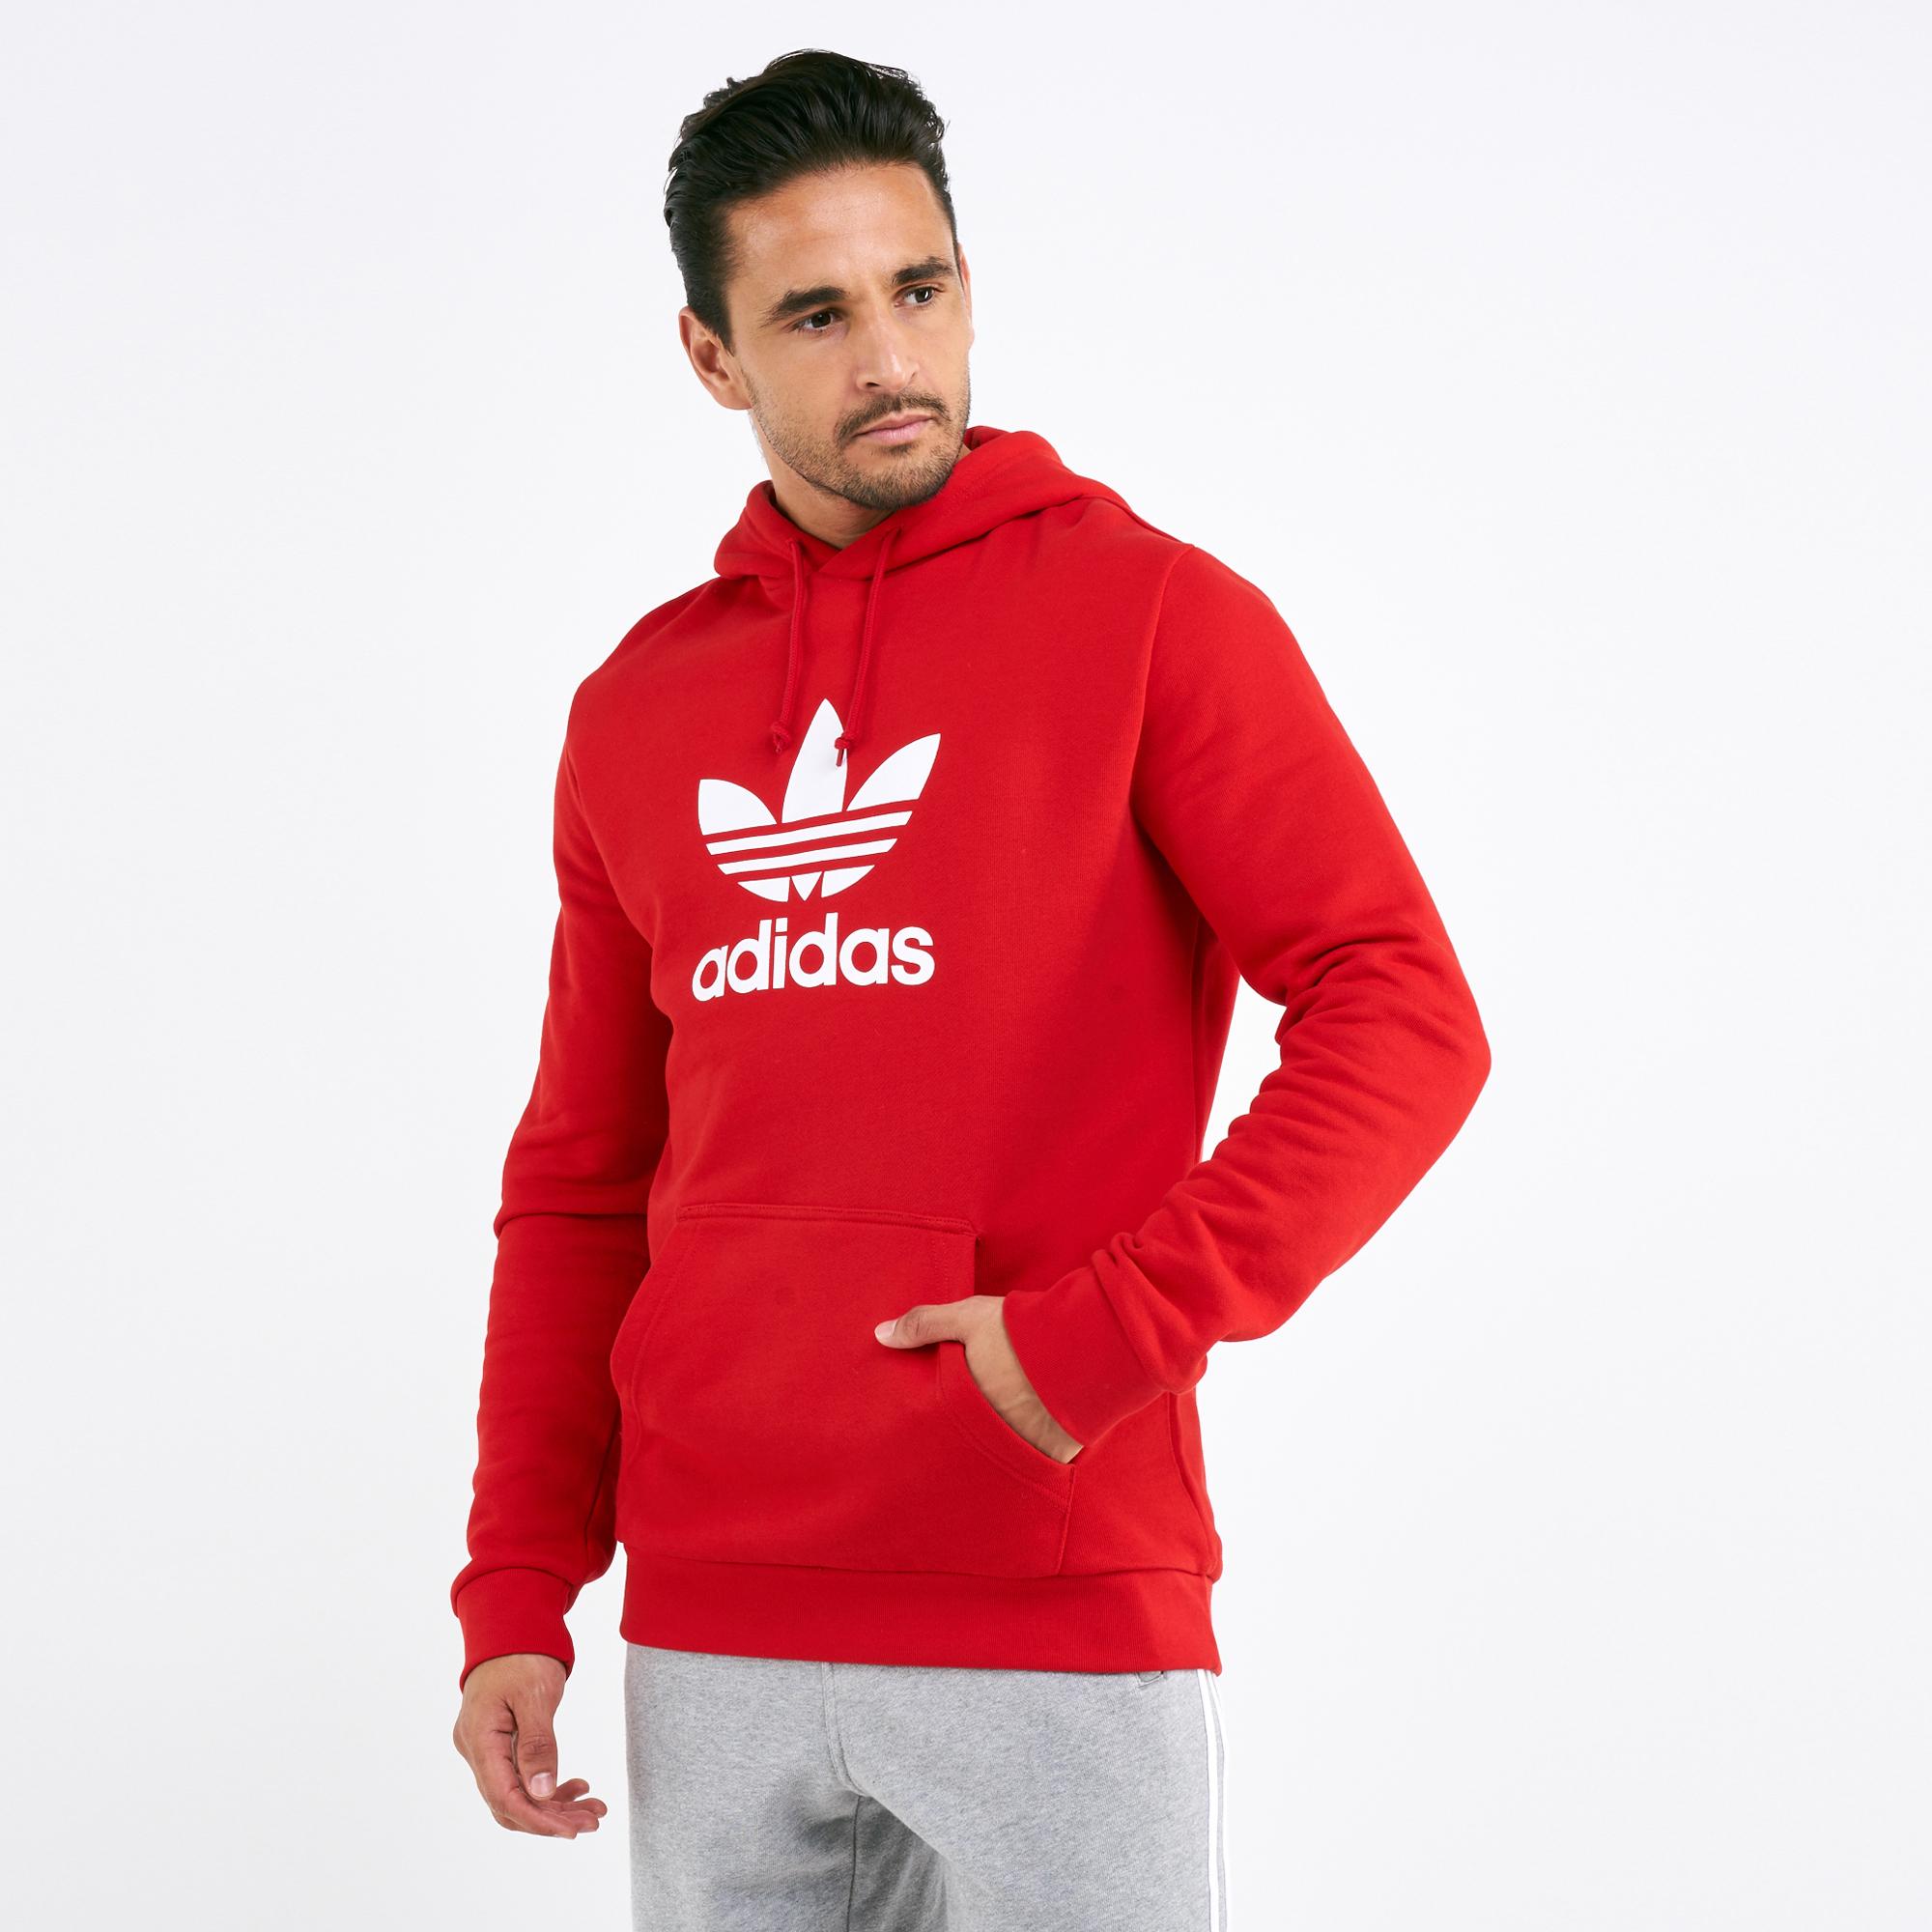 3c1705b3b459 adidas Originals Men's Trefoil Hoodie   Hoodies   Hoodies and ...